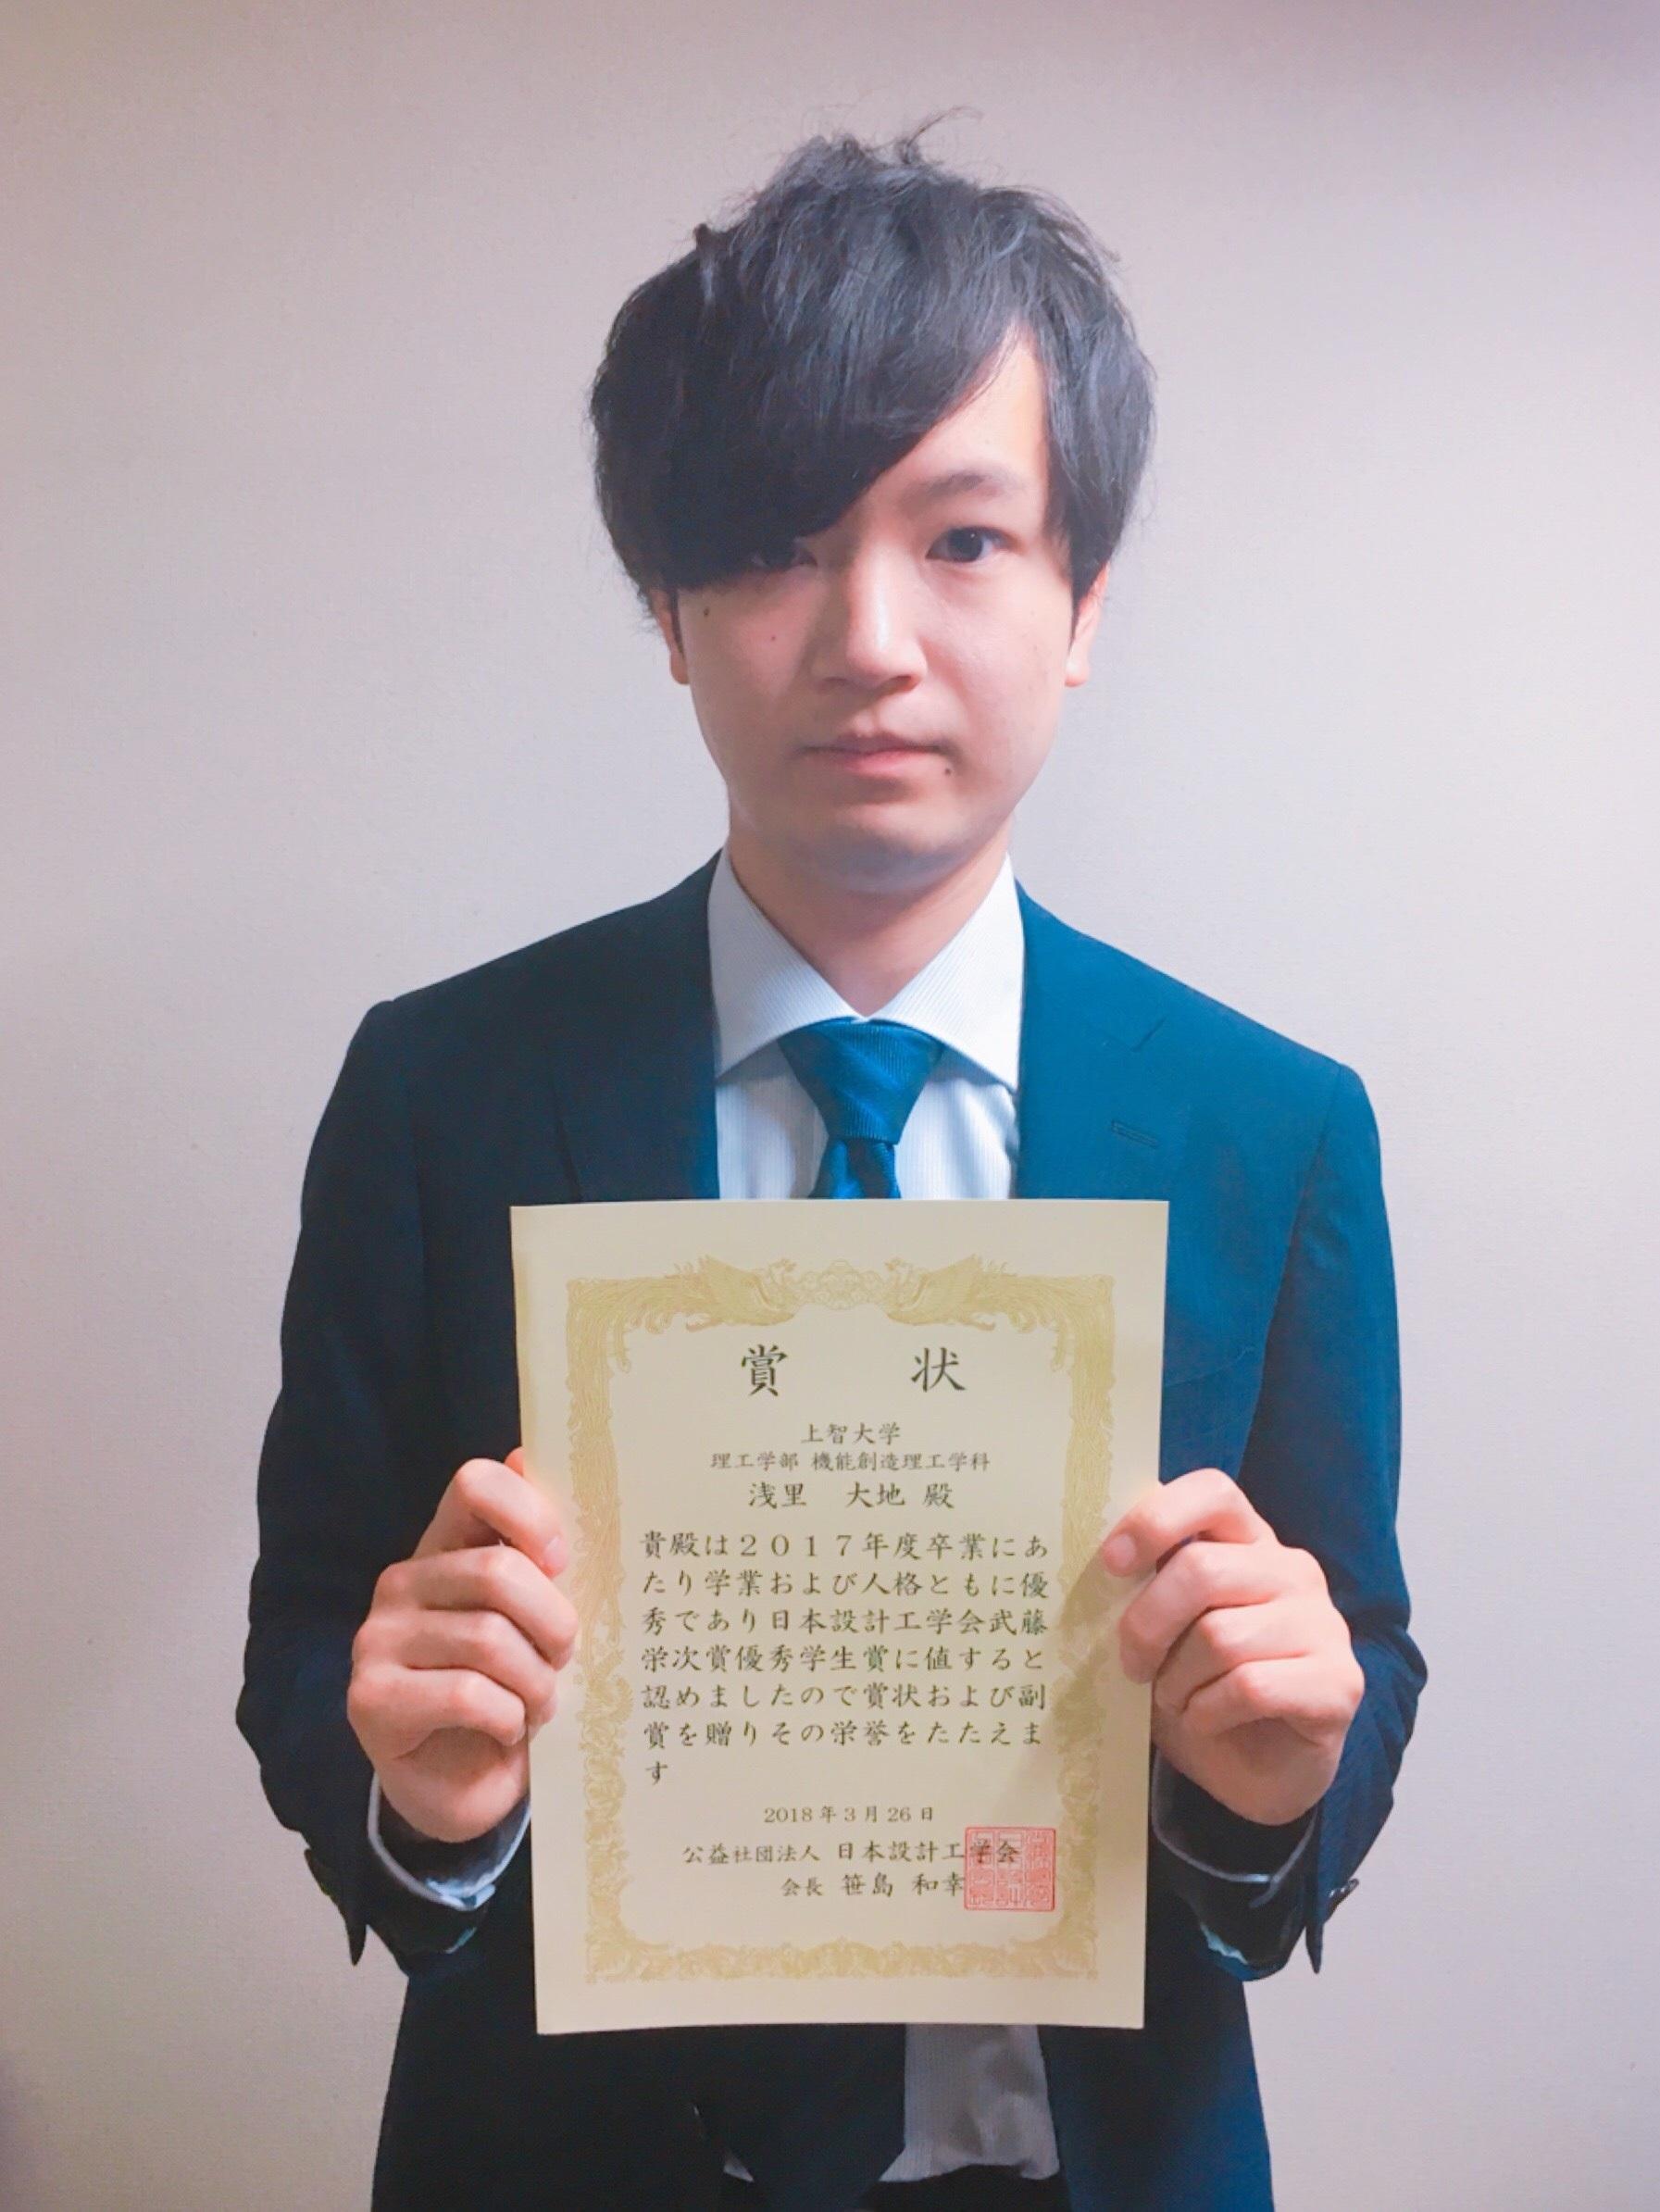 学生の受賞(日本設計工学会 武藤栄次賞優秀学生賞)